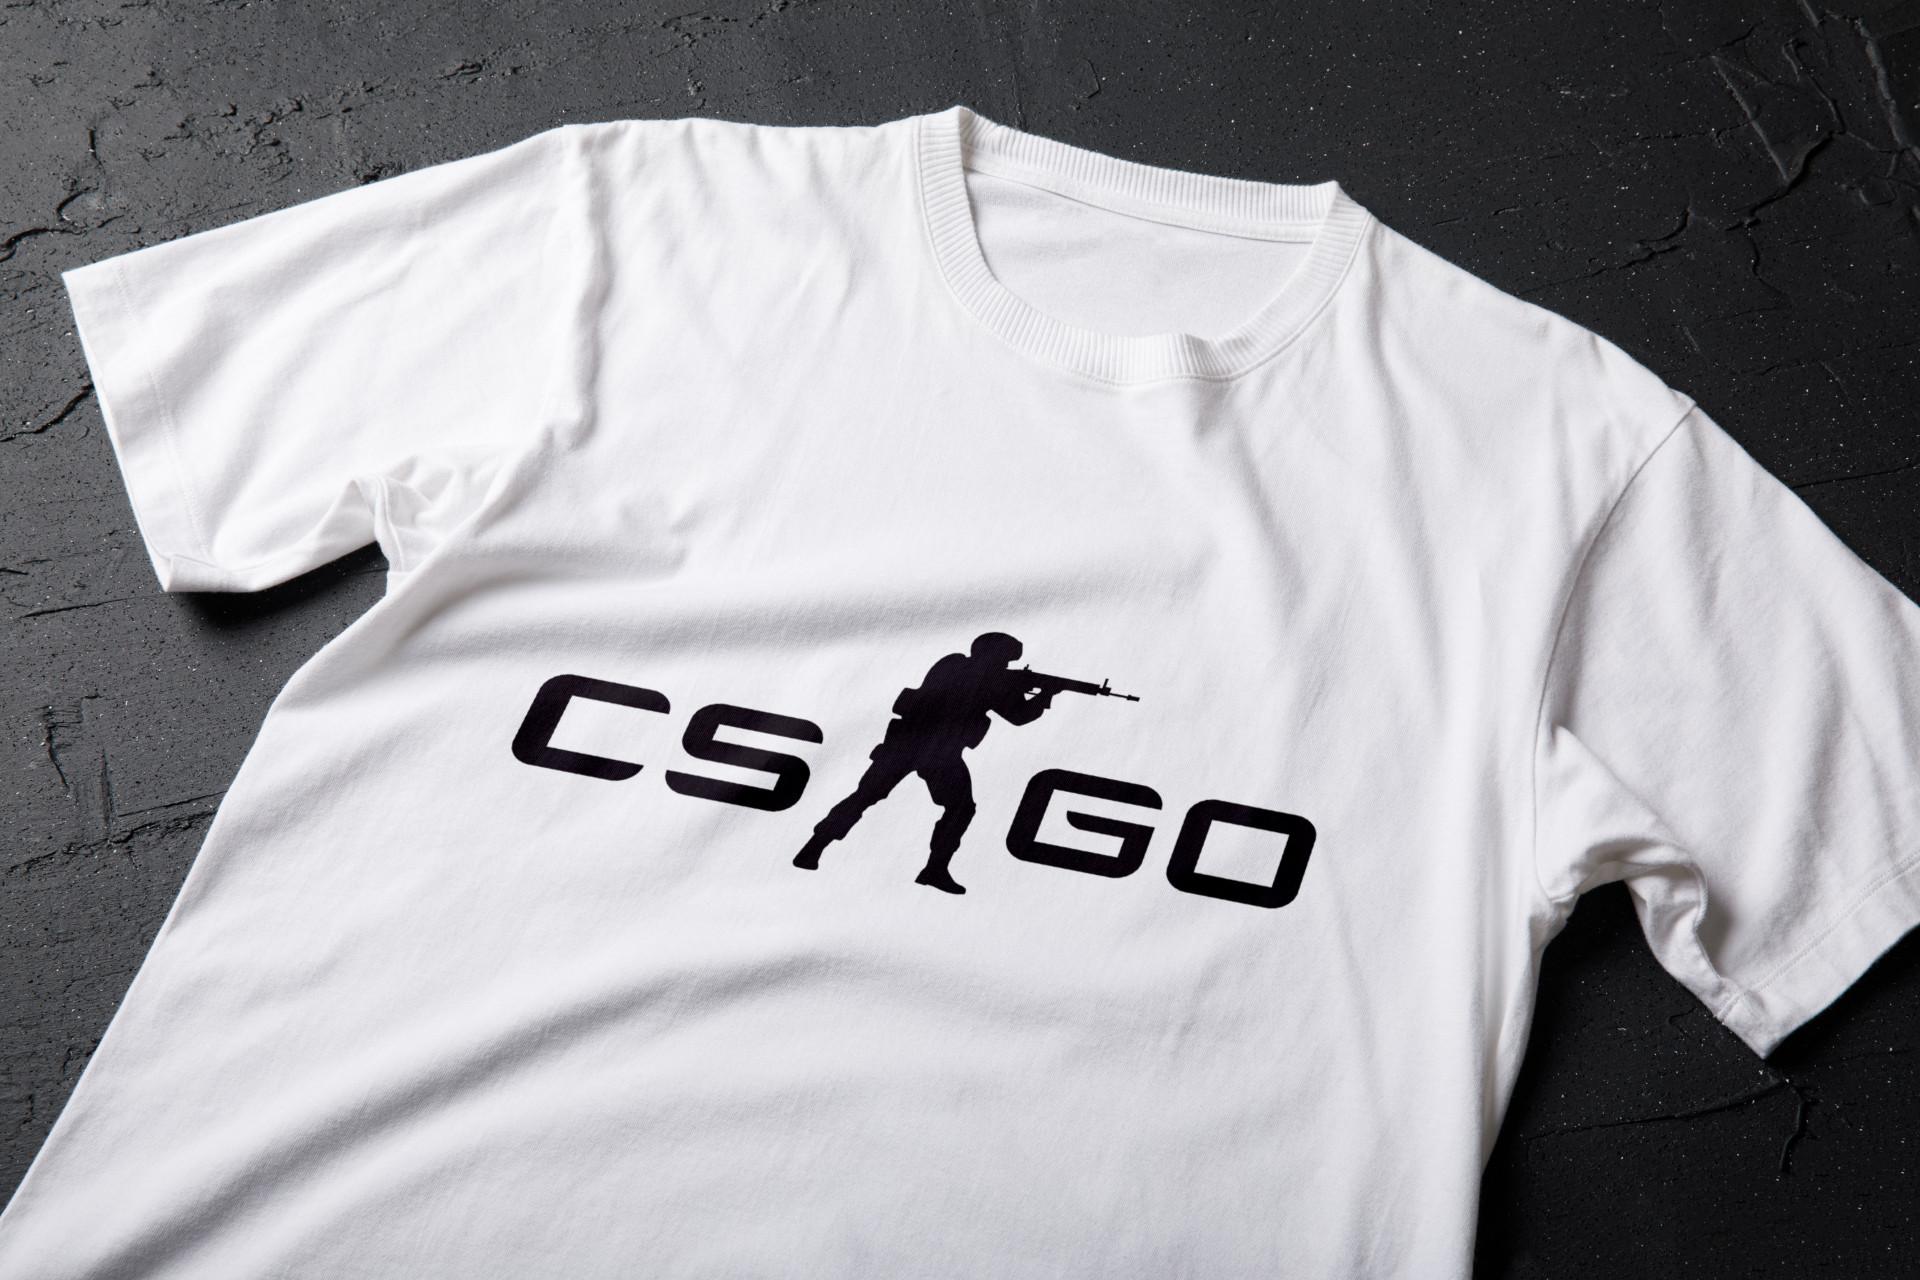 Tricou personalizat CsGo